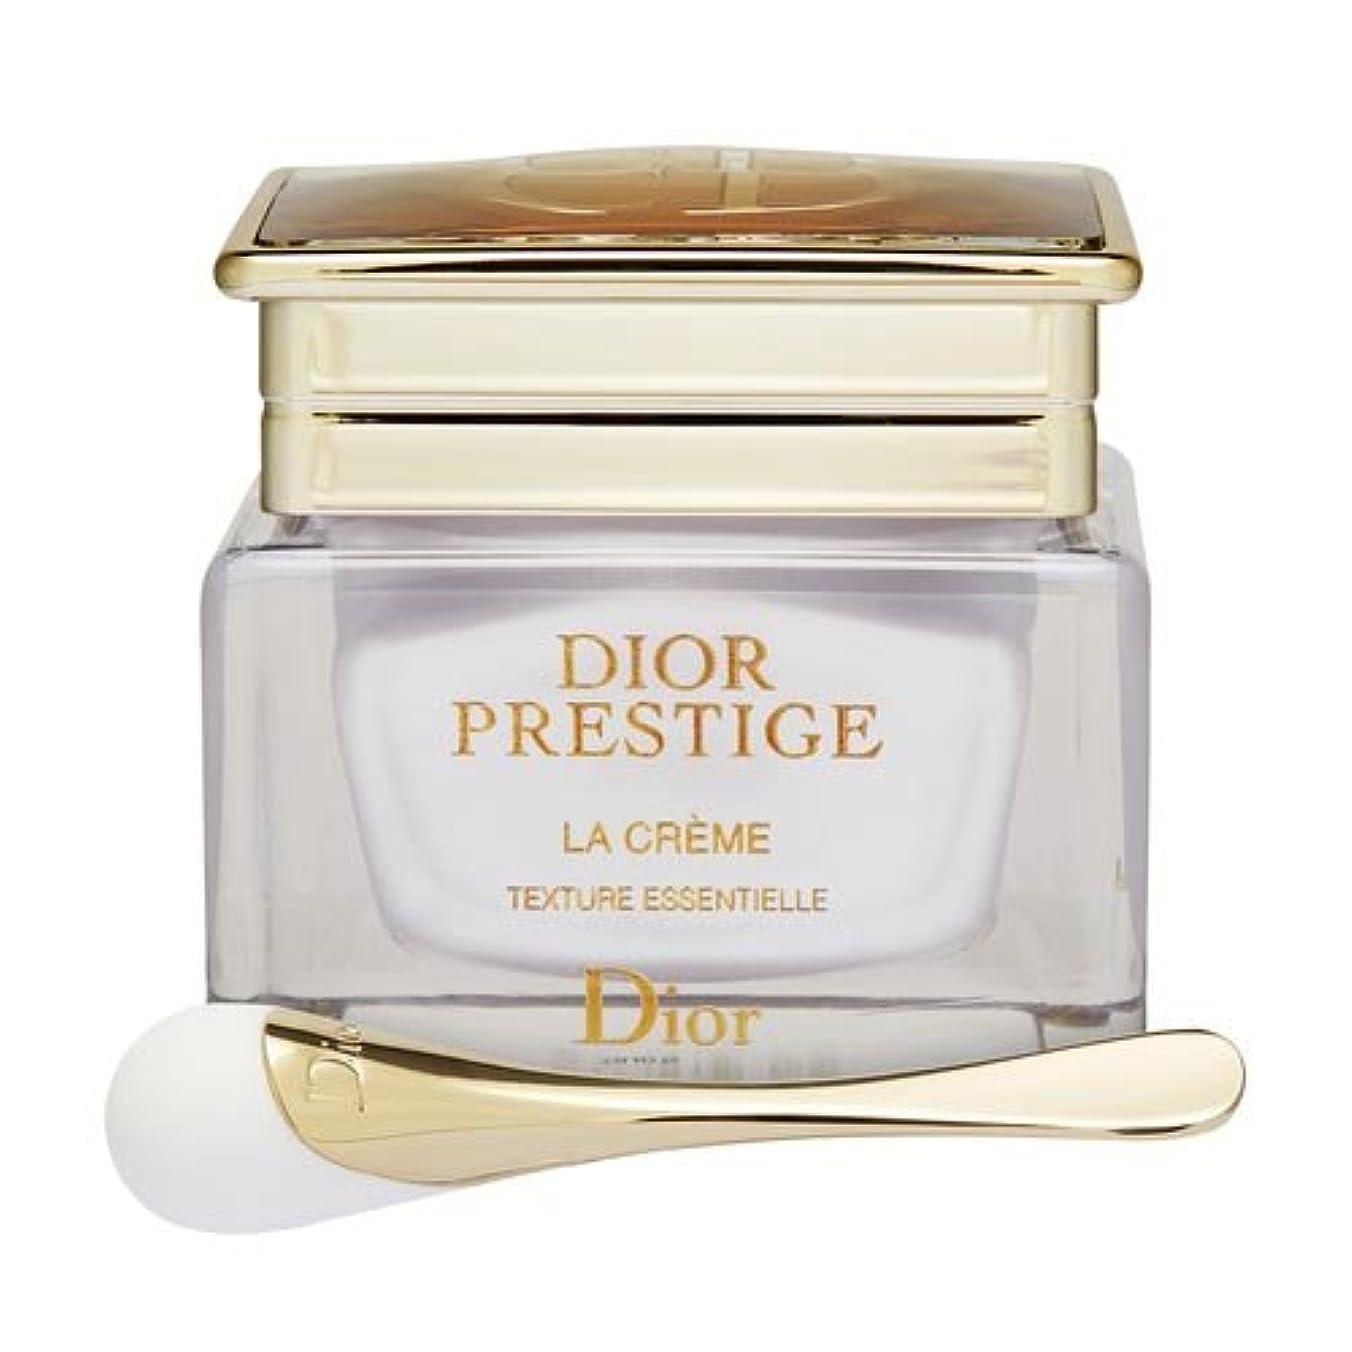 証言アクセシブルペッカディロディオール(Dior) プレステージ ラ クレーム 50ml[並行輸入品]